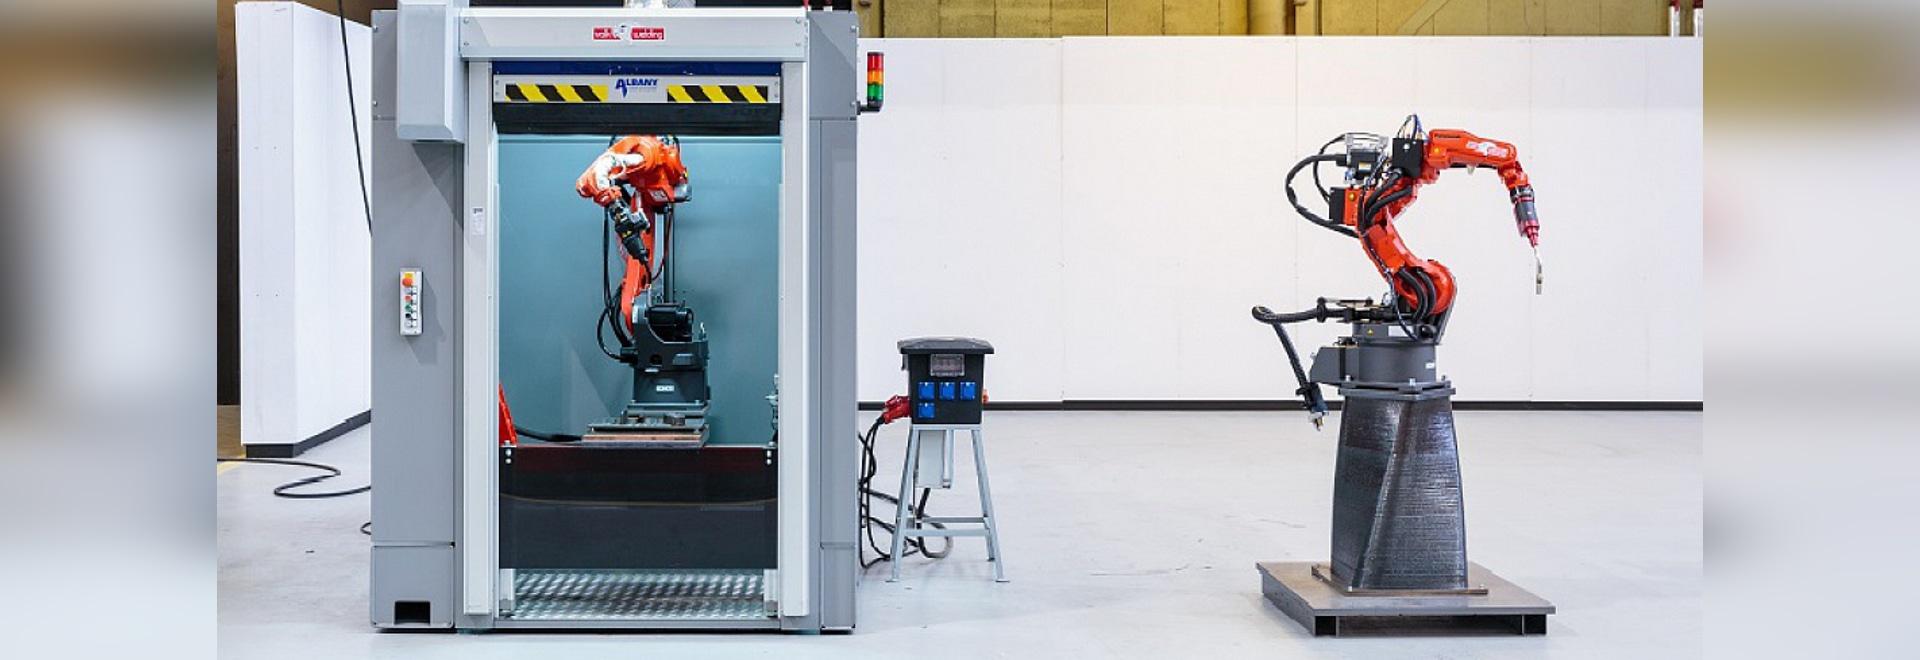 El puerto de las impresoras del metal del 3D de Rotterdam (cortesía de RAMLAB)